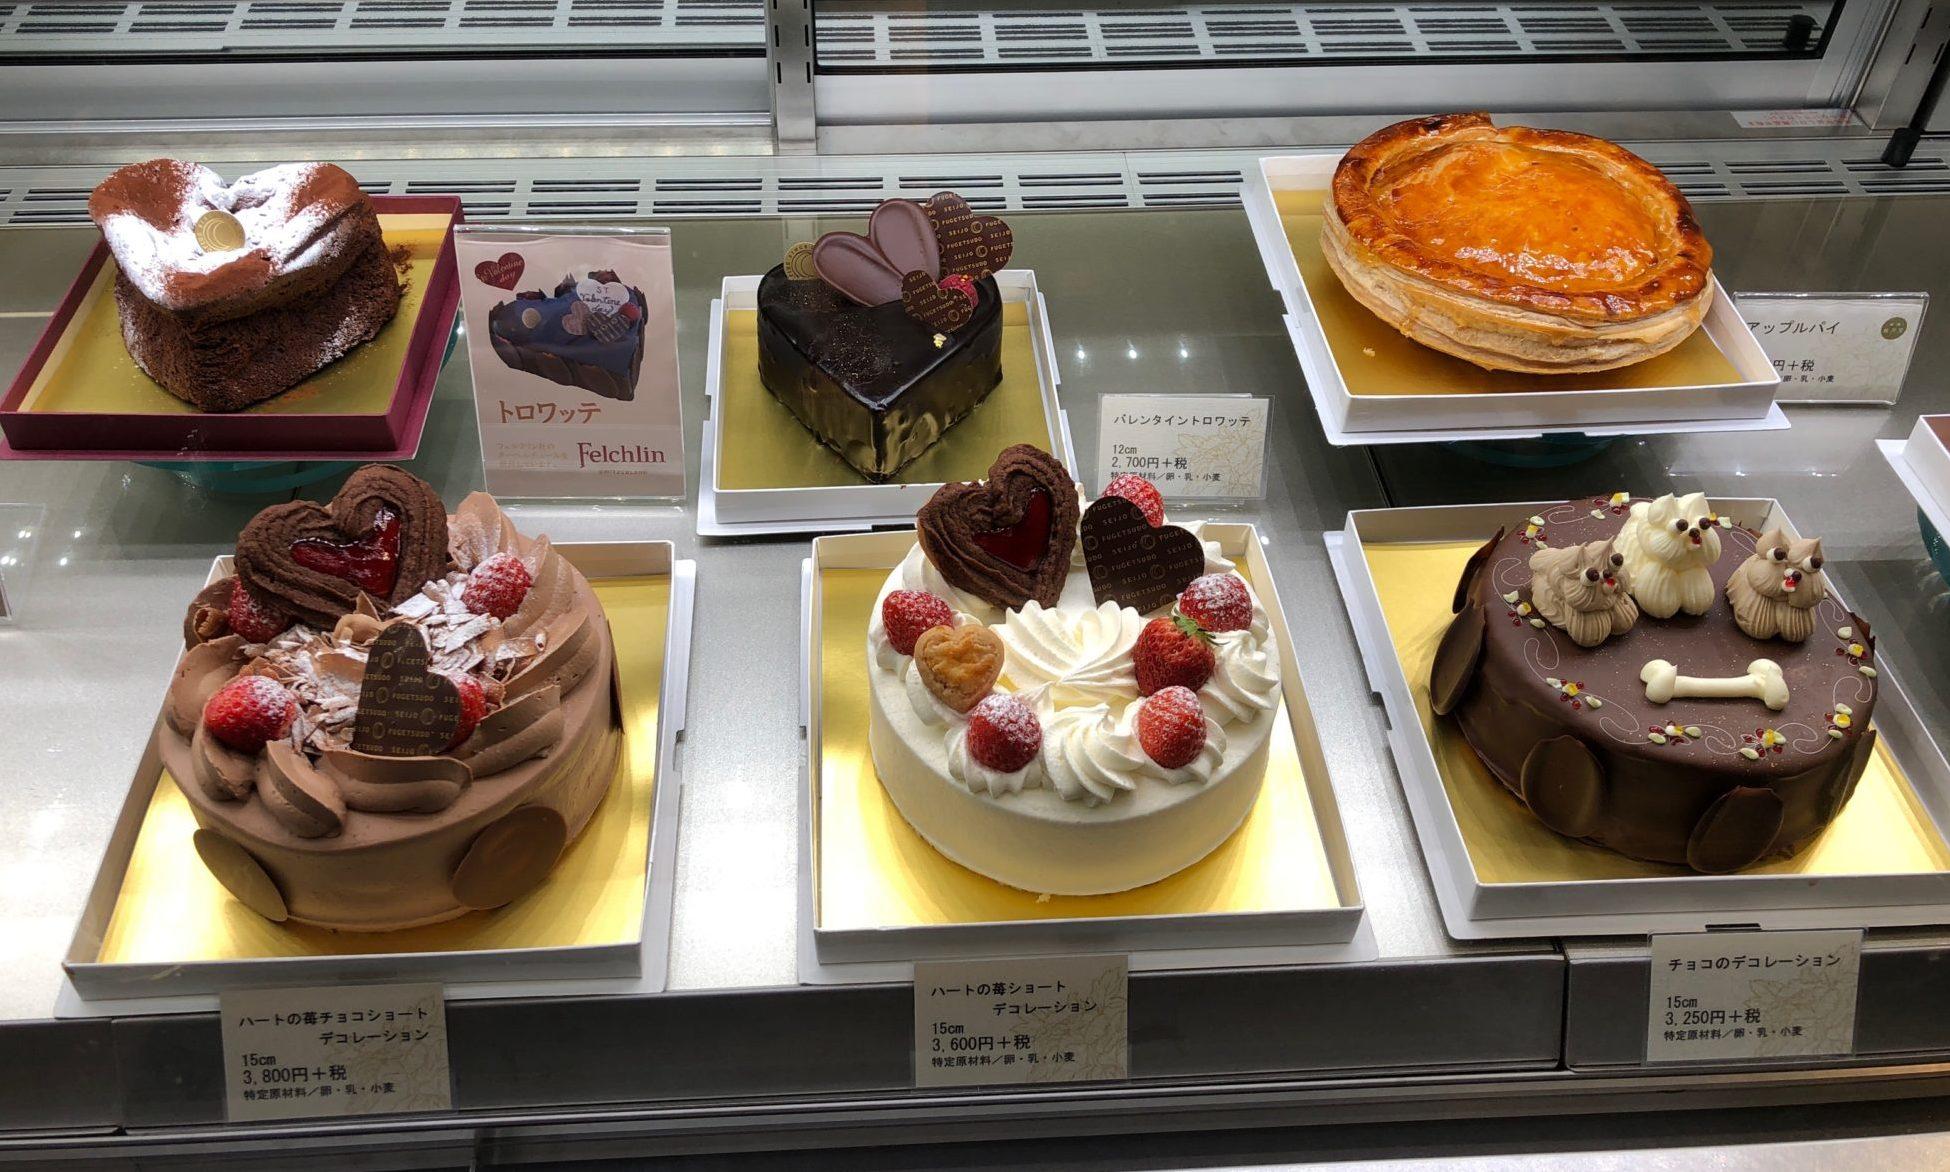 成城風月堂本店のデコレーションケーキ